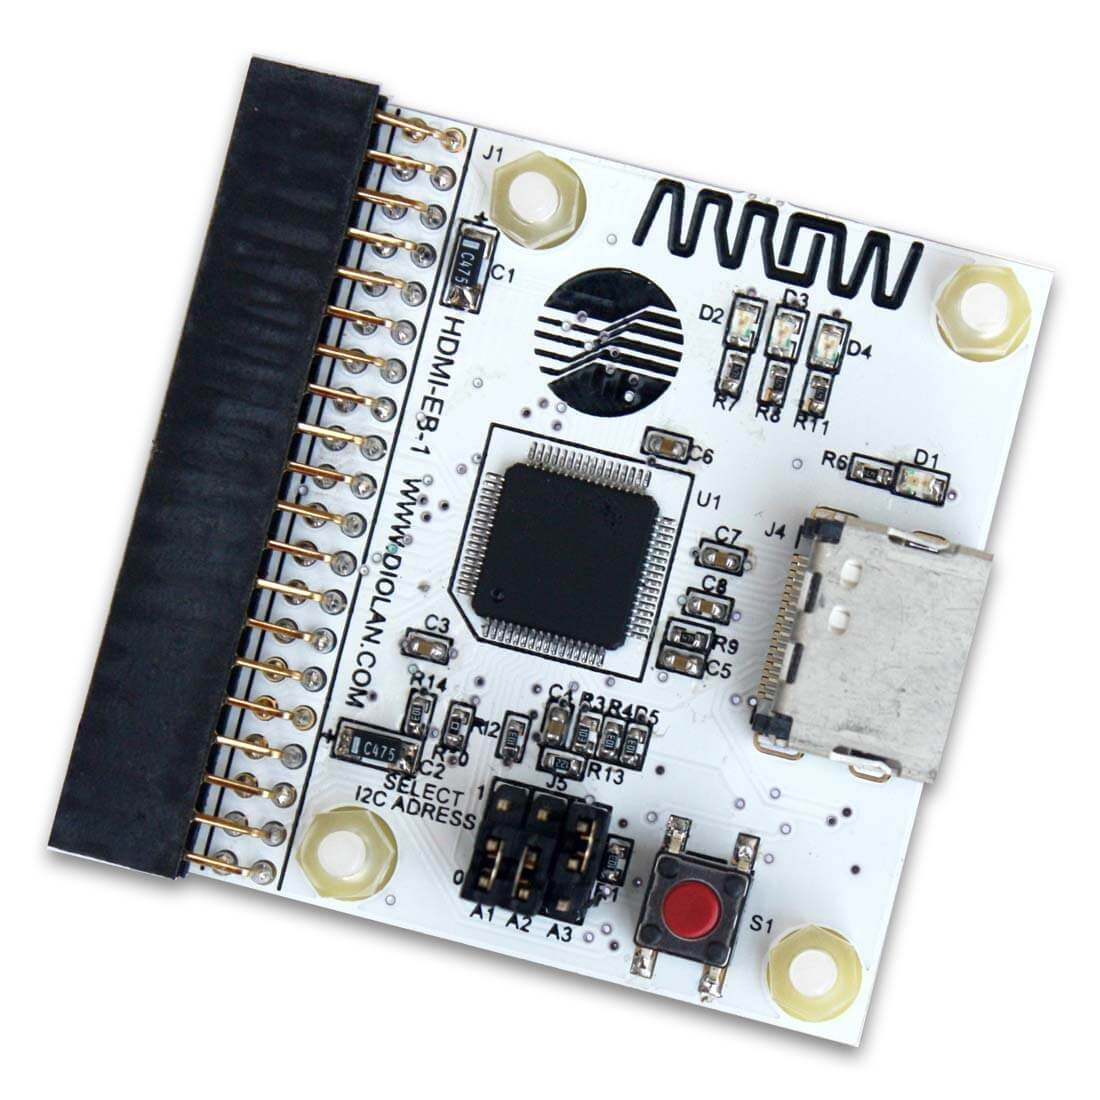 HDMI-EB-1 HDMI/DVI Extension Board